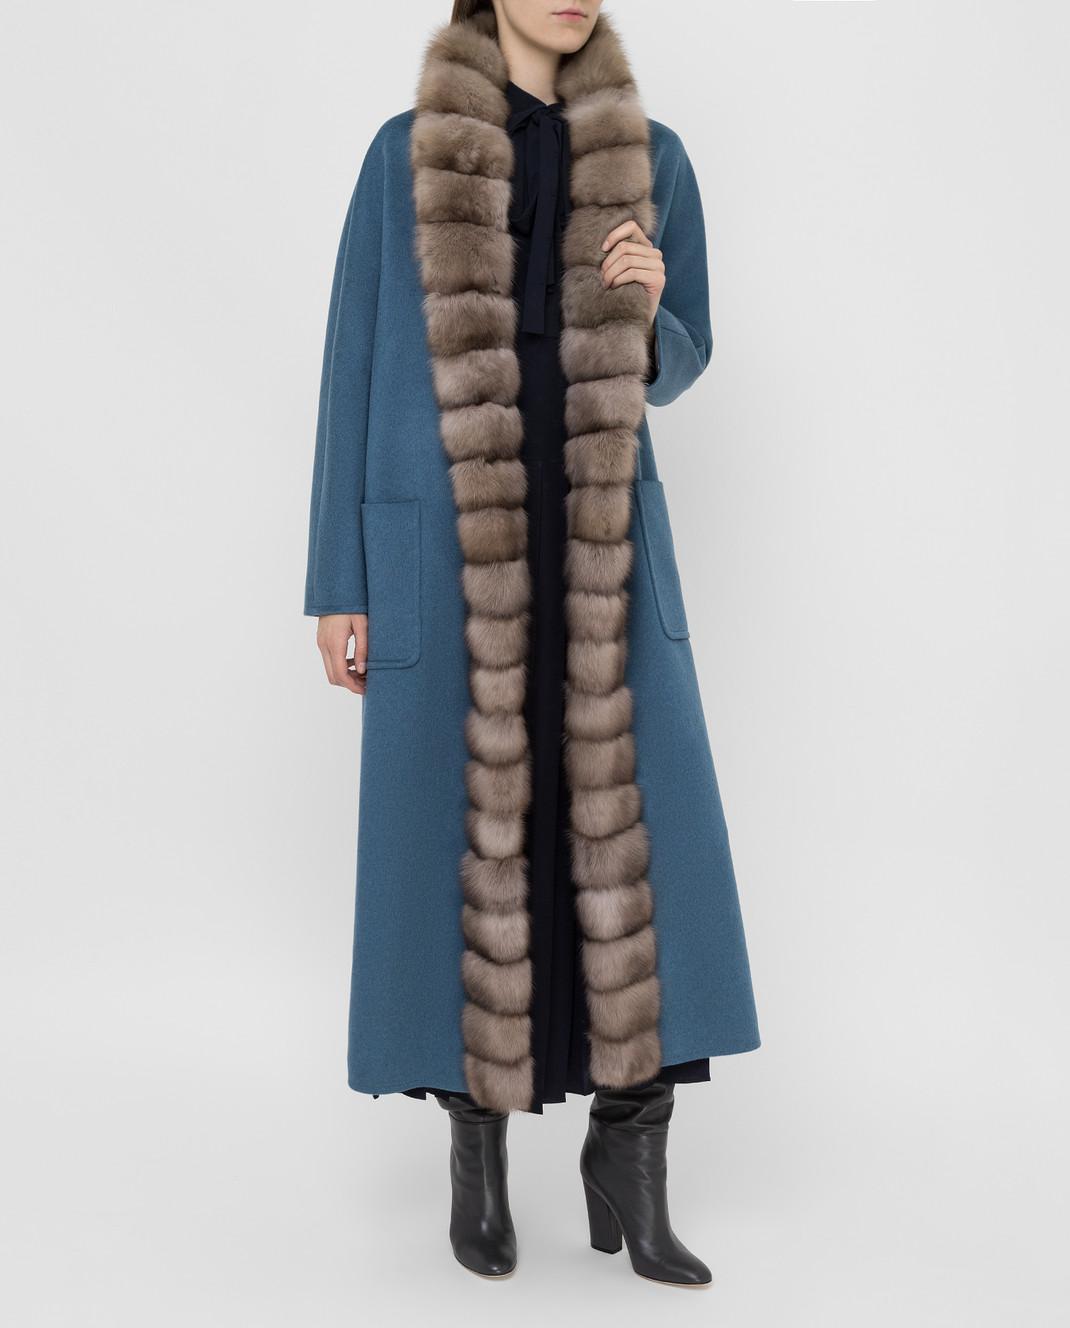 Real Furs House Синее пальто из кашемира с мехом соболя GT01lLIGHTBLUE изображение 2